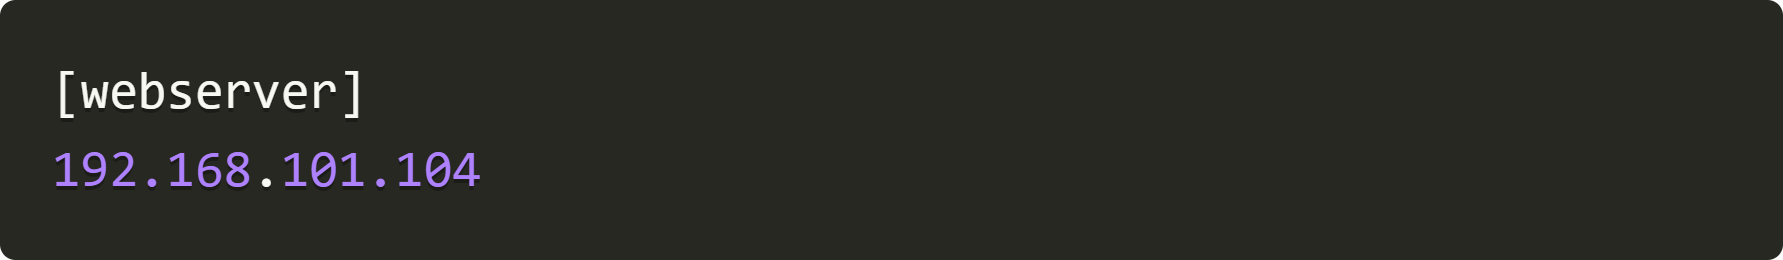 webserver addresss